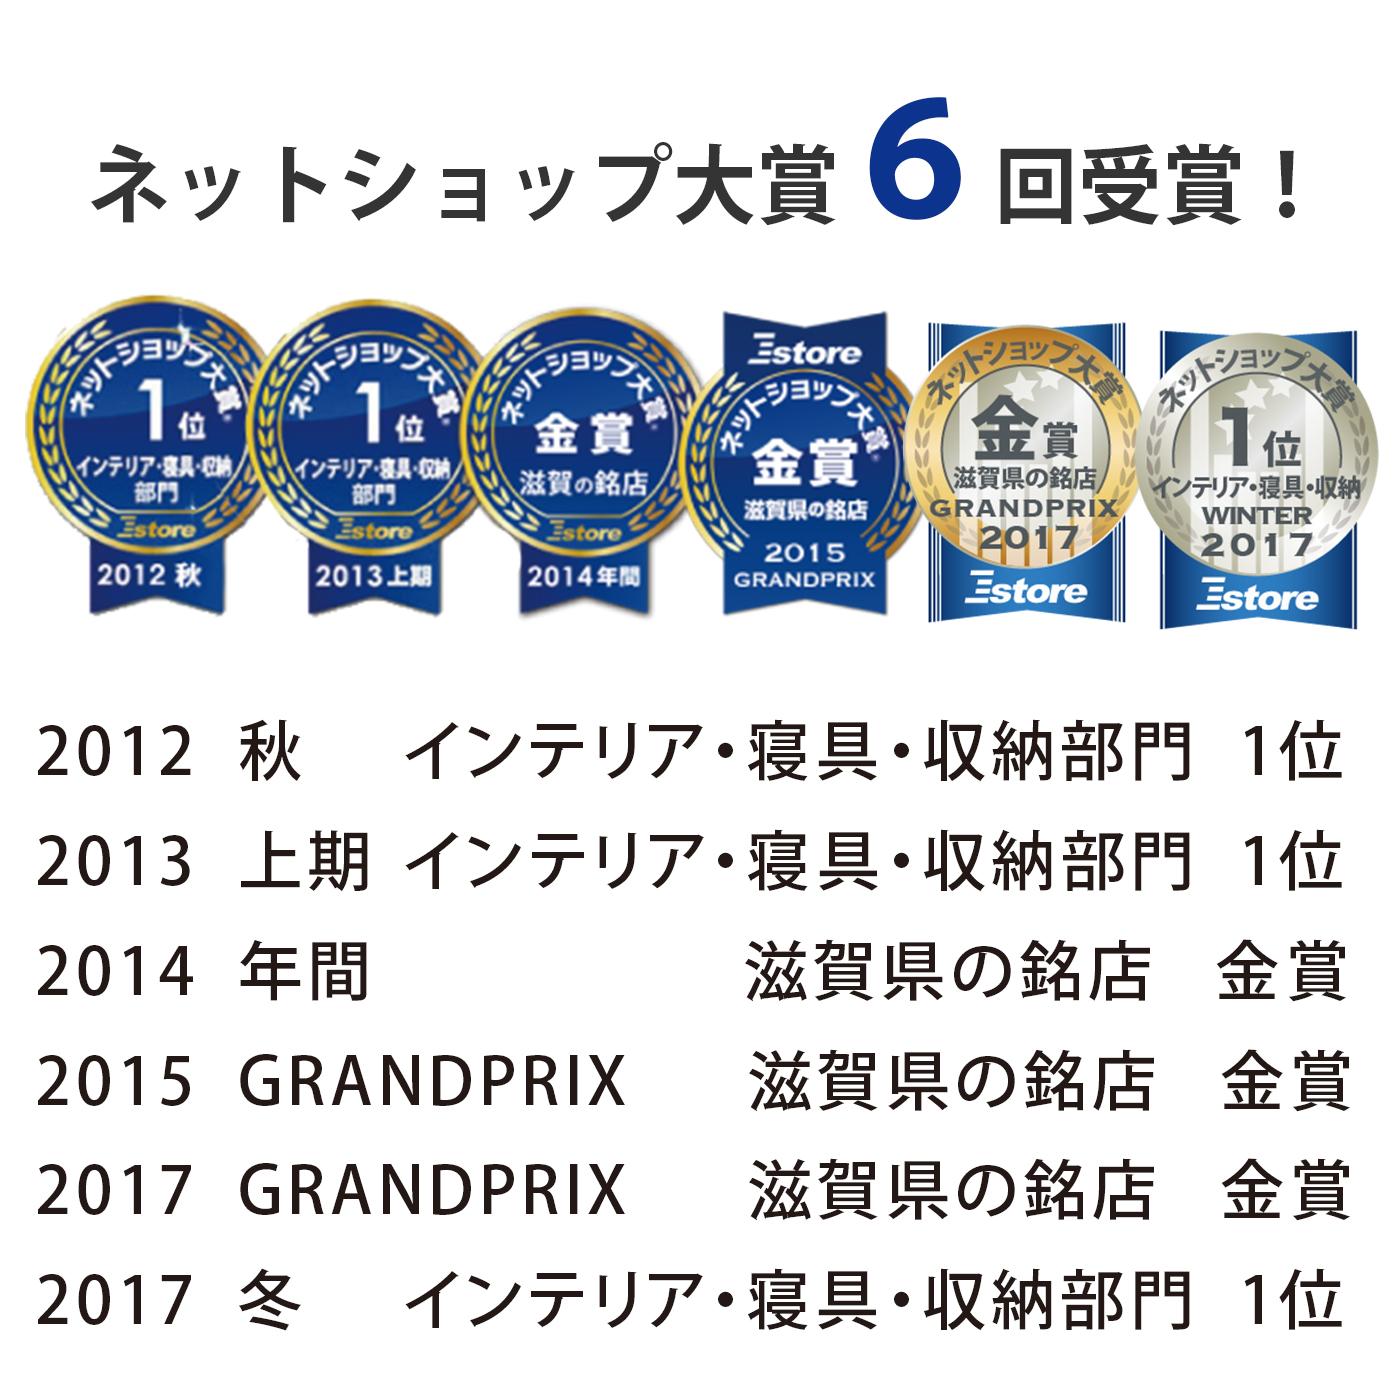 2017ショップ大賞受賞